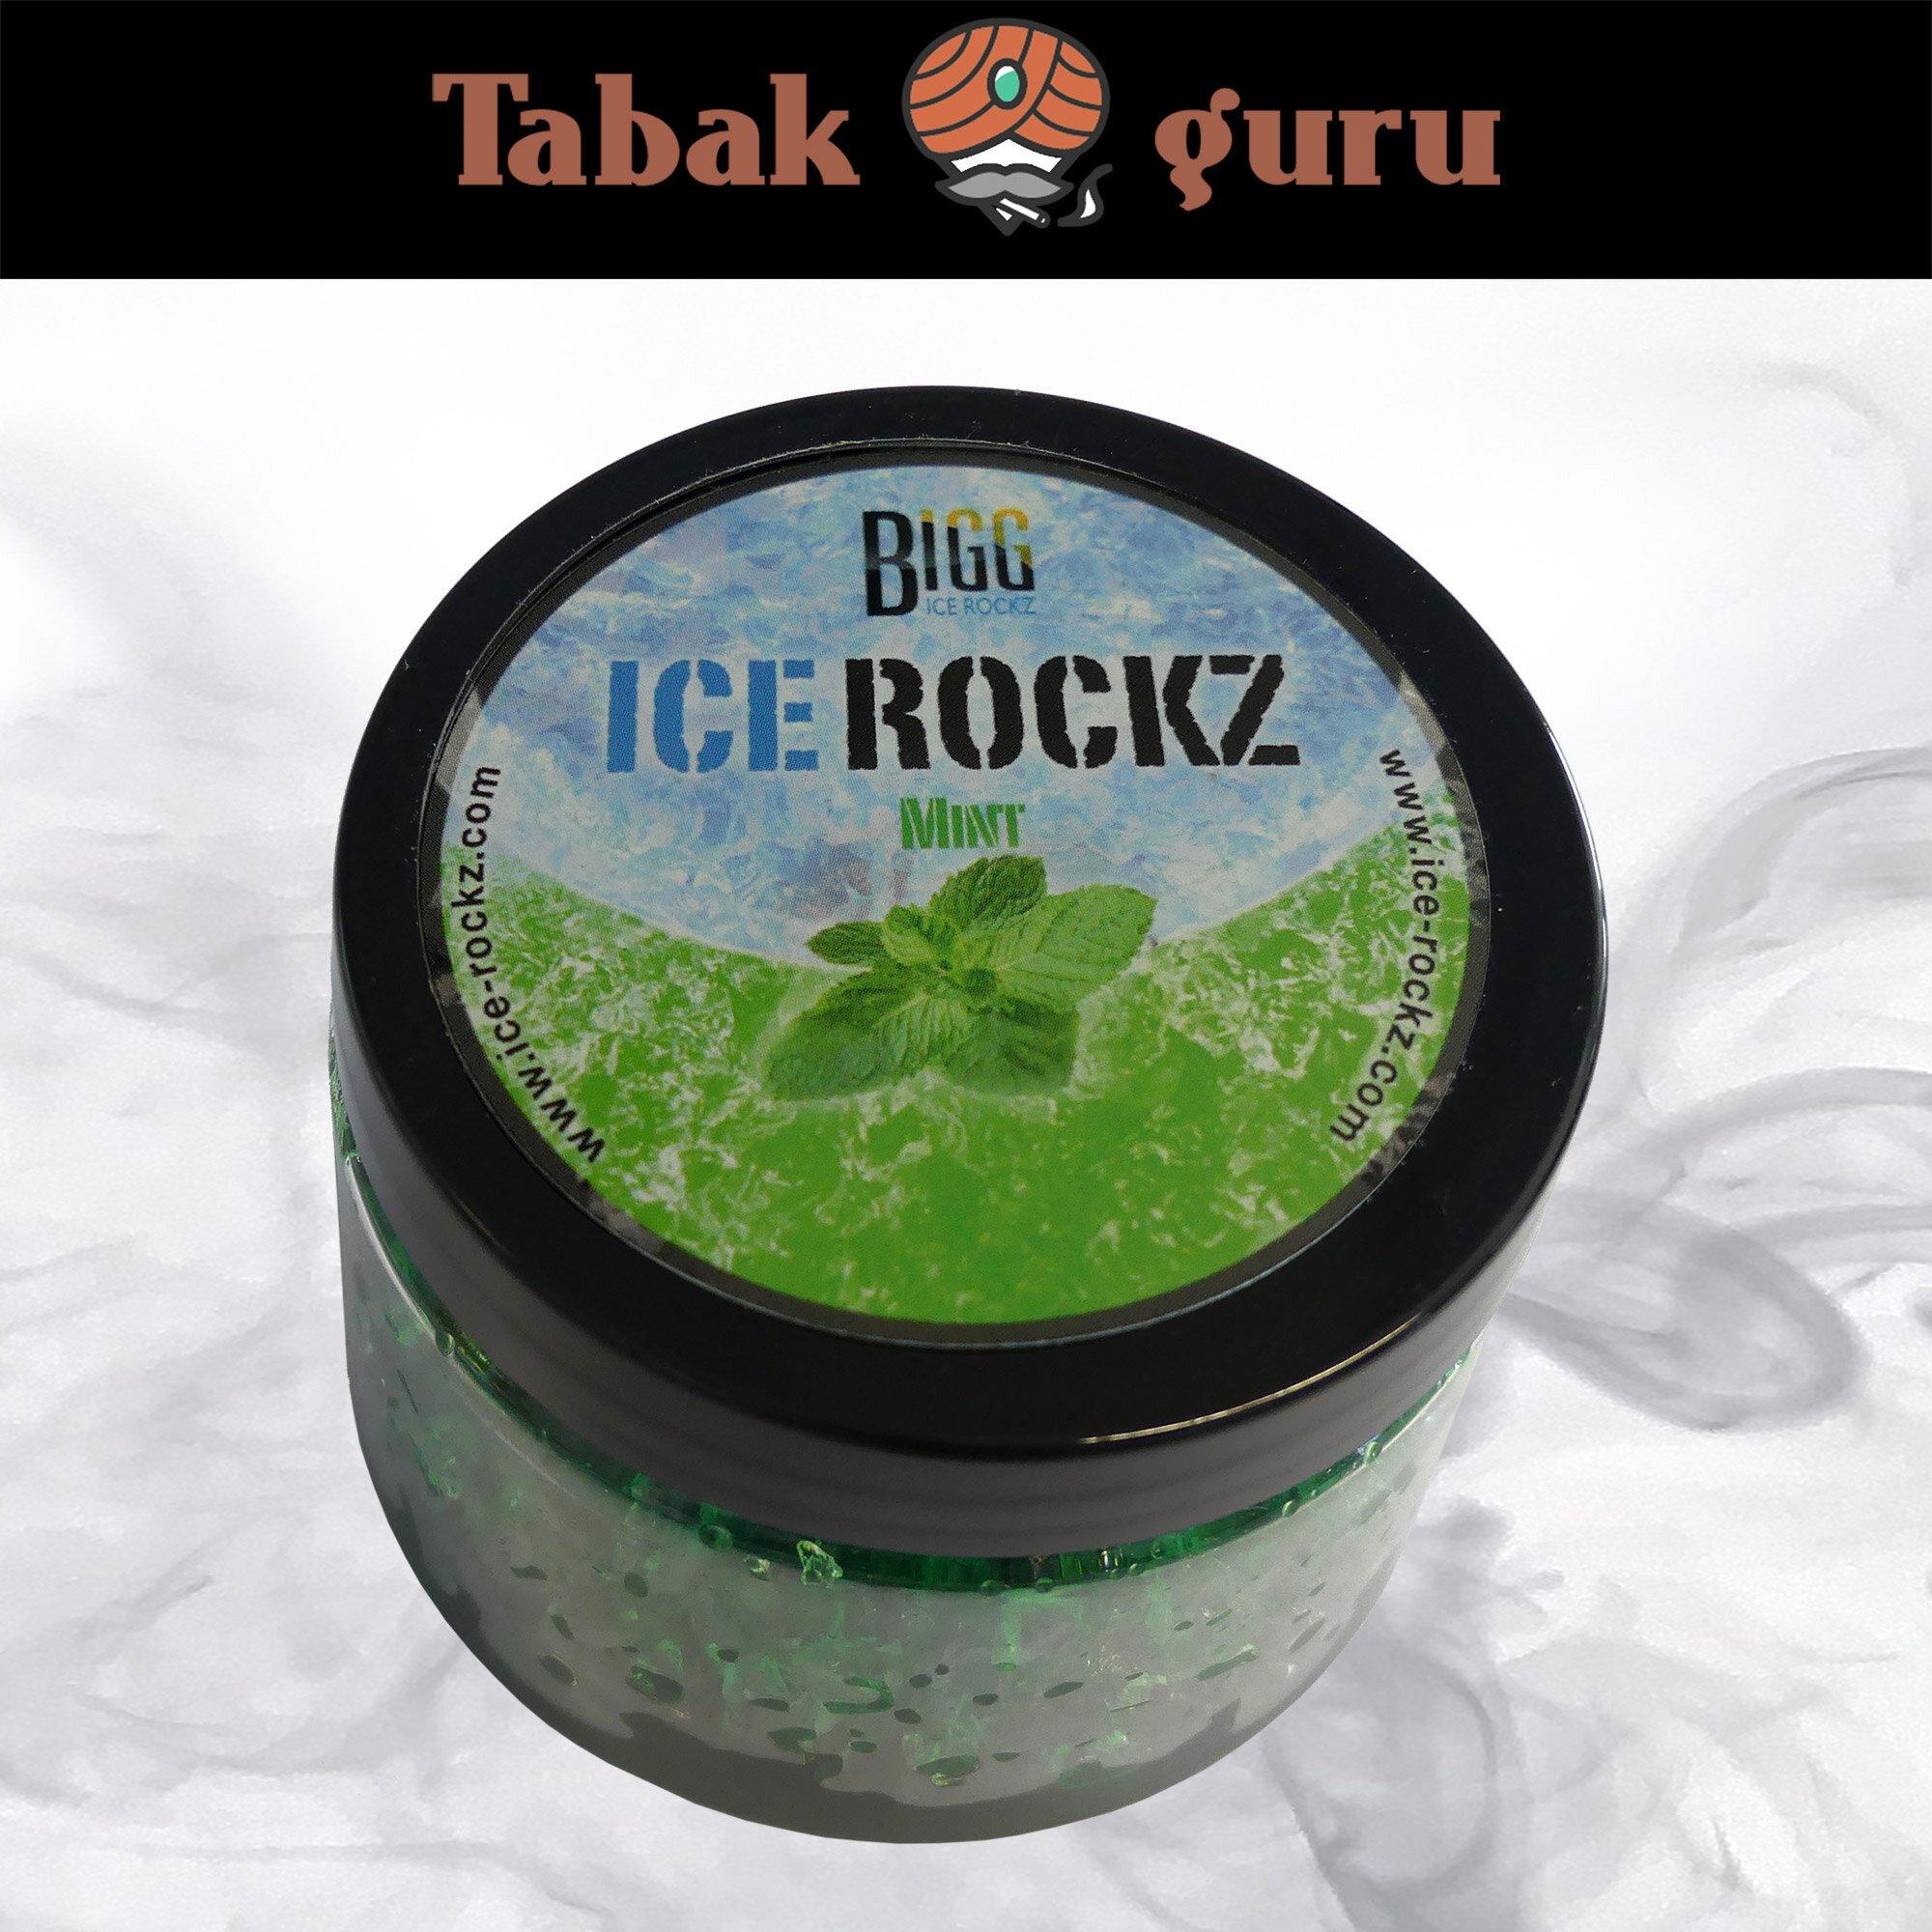 Bigg Ice Rockz - Mint 120g Dampfsteine